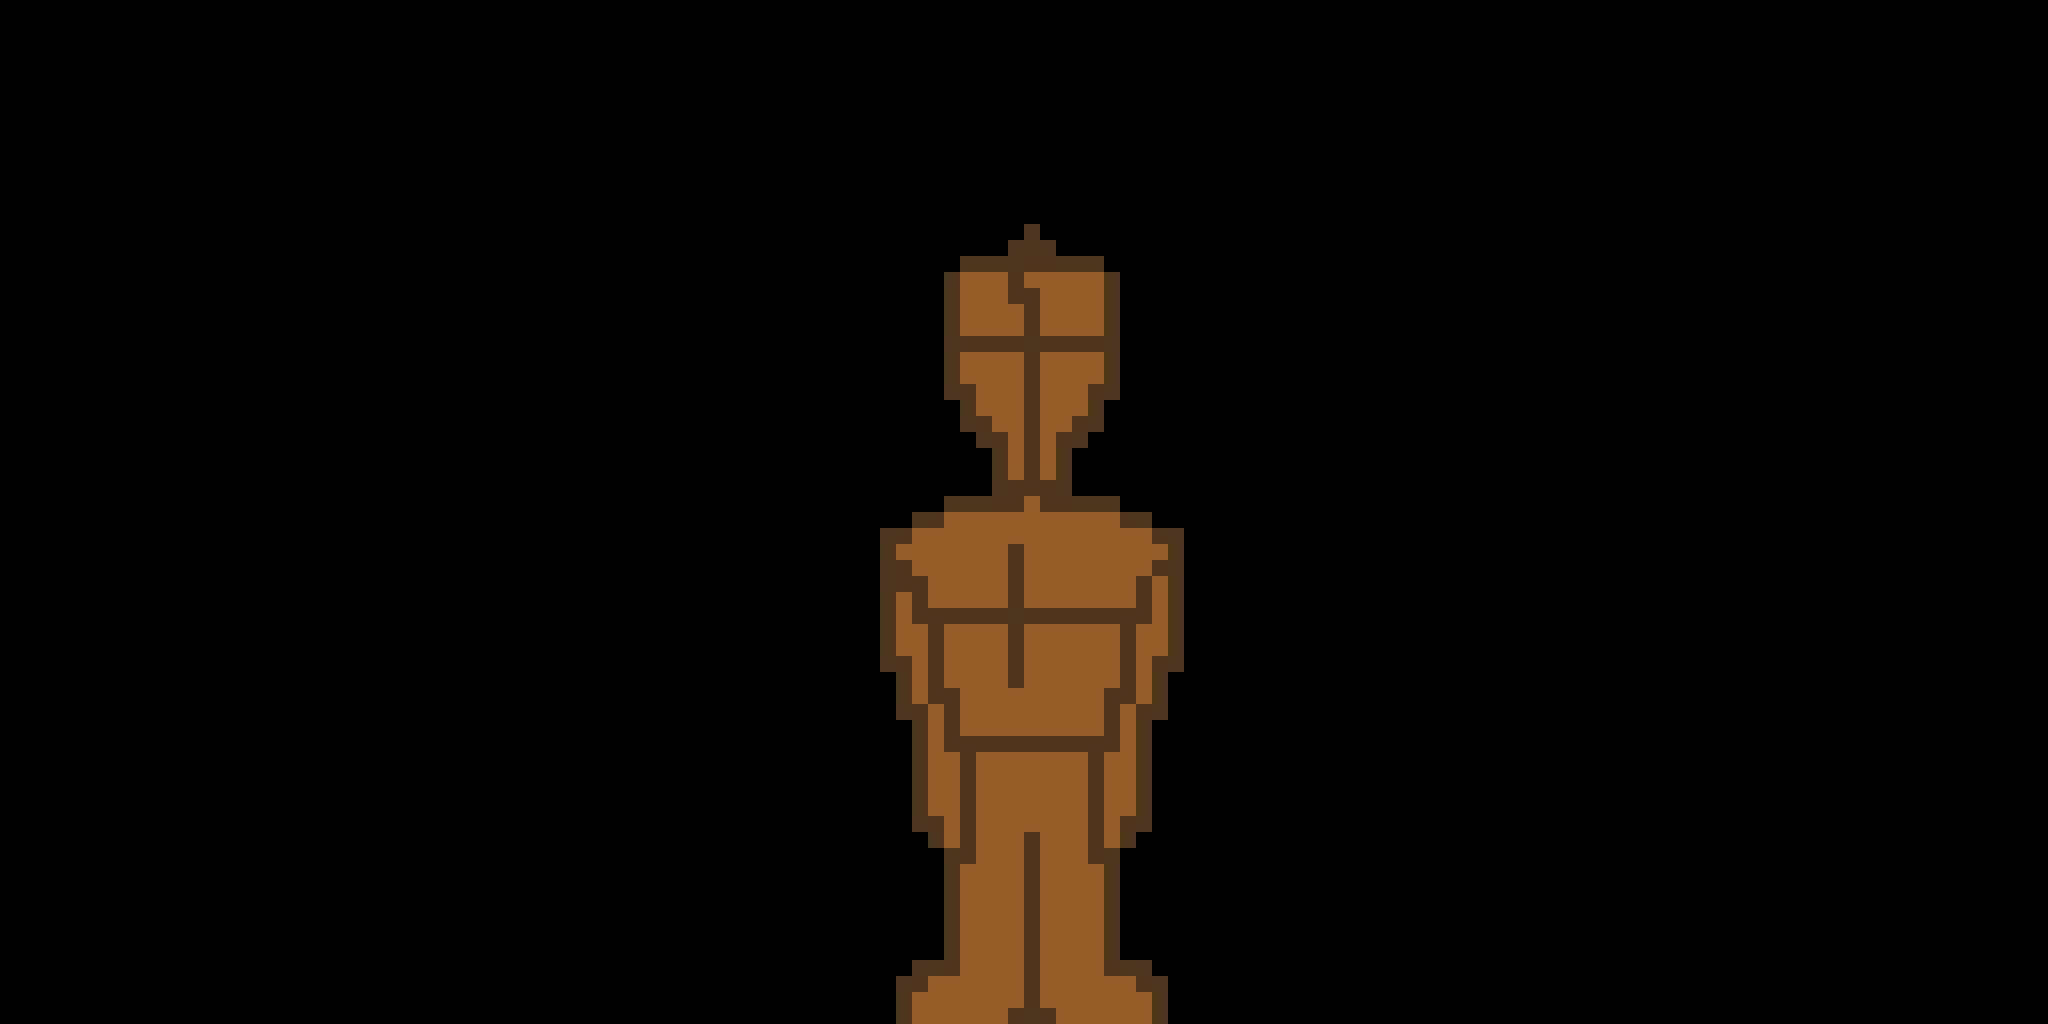 8-bit world base